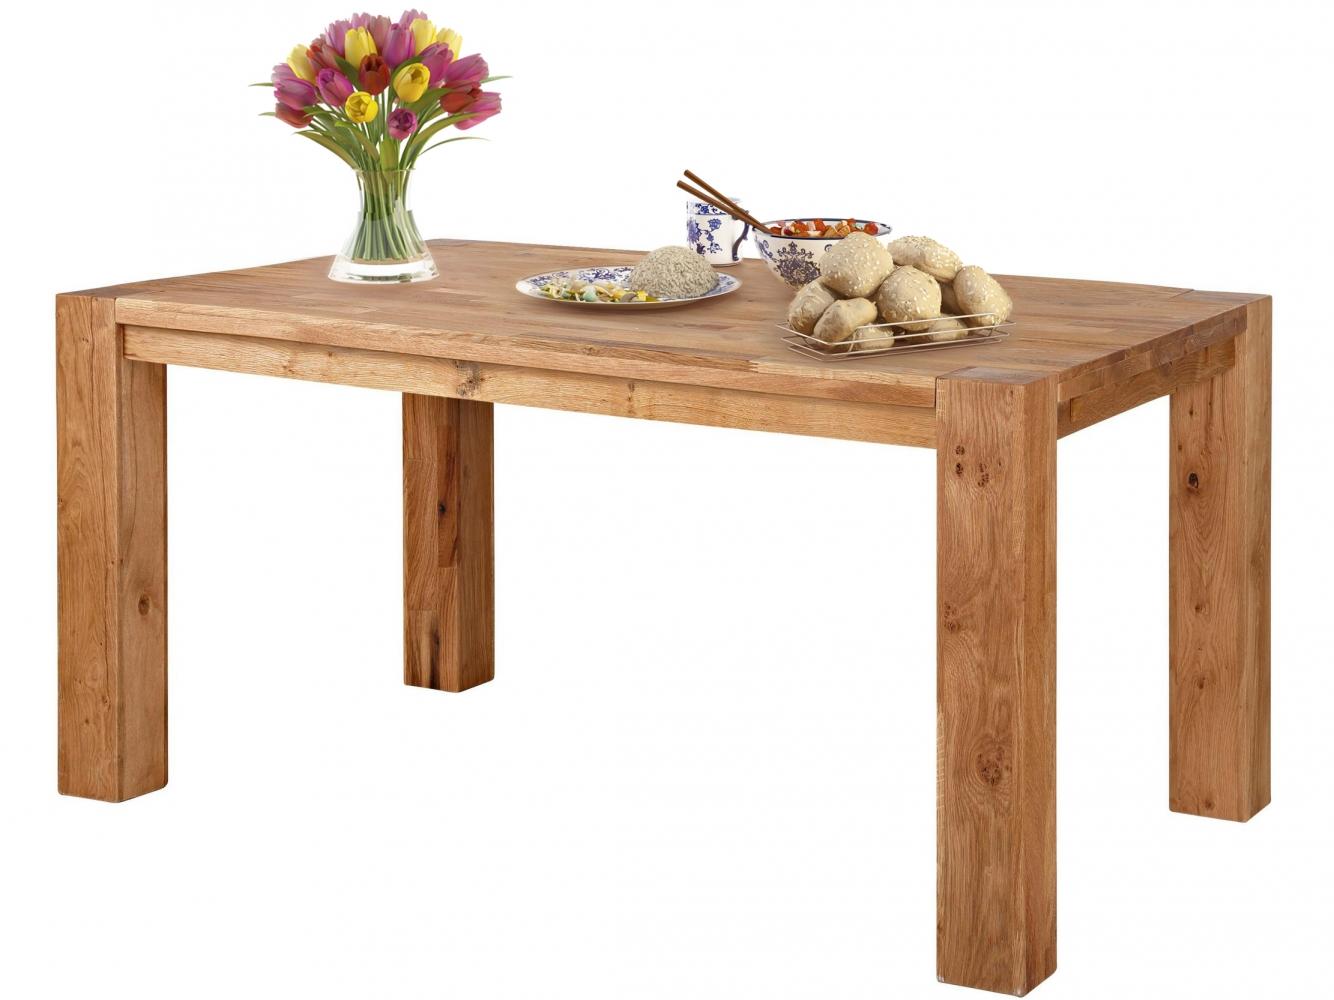 Jídelní stůl Elan, 160 cm, dub